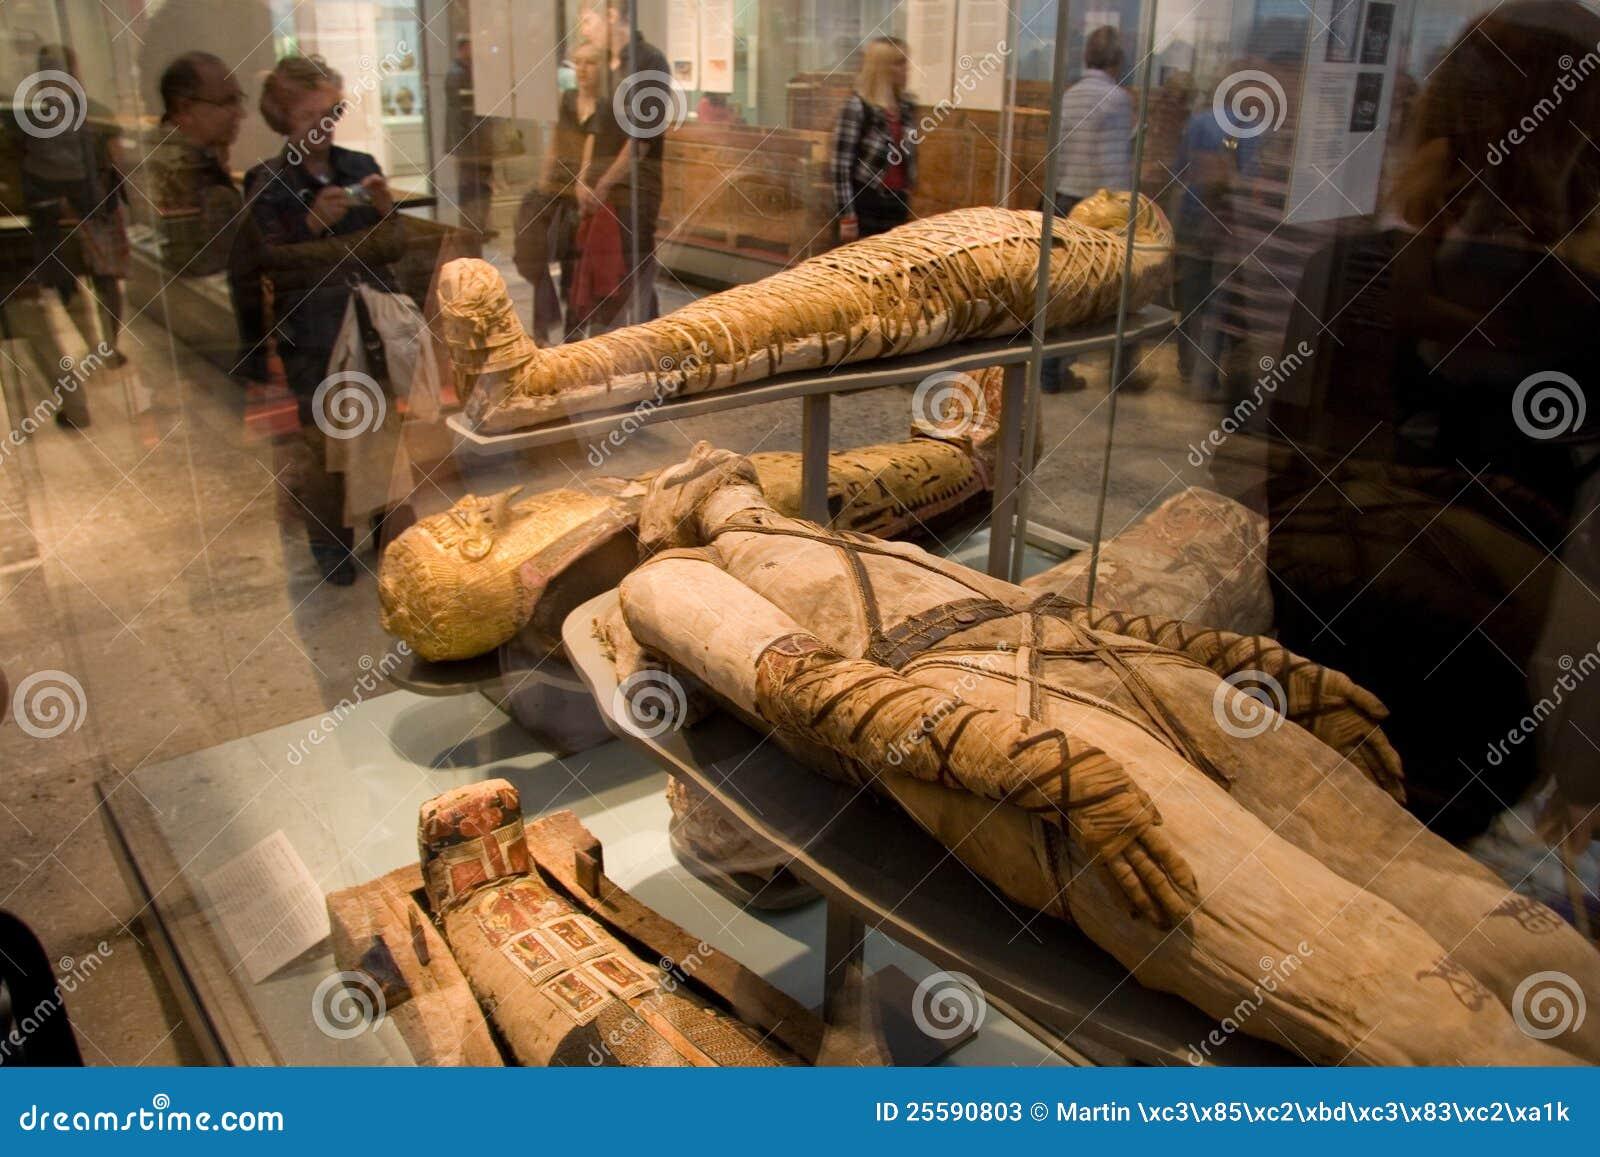 Britische museum mamas redaktionelles stockfoto bild von krone 25590803 - Englisch krone ...